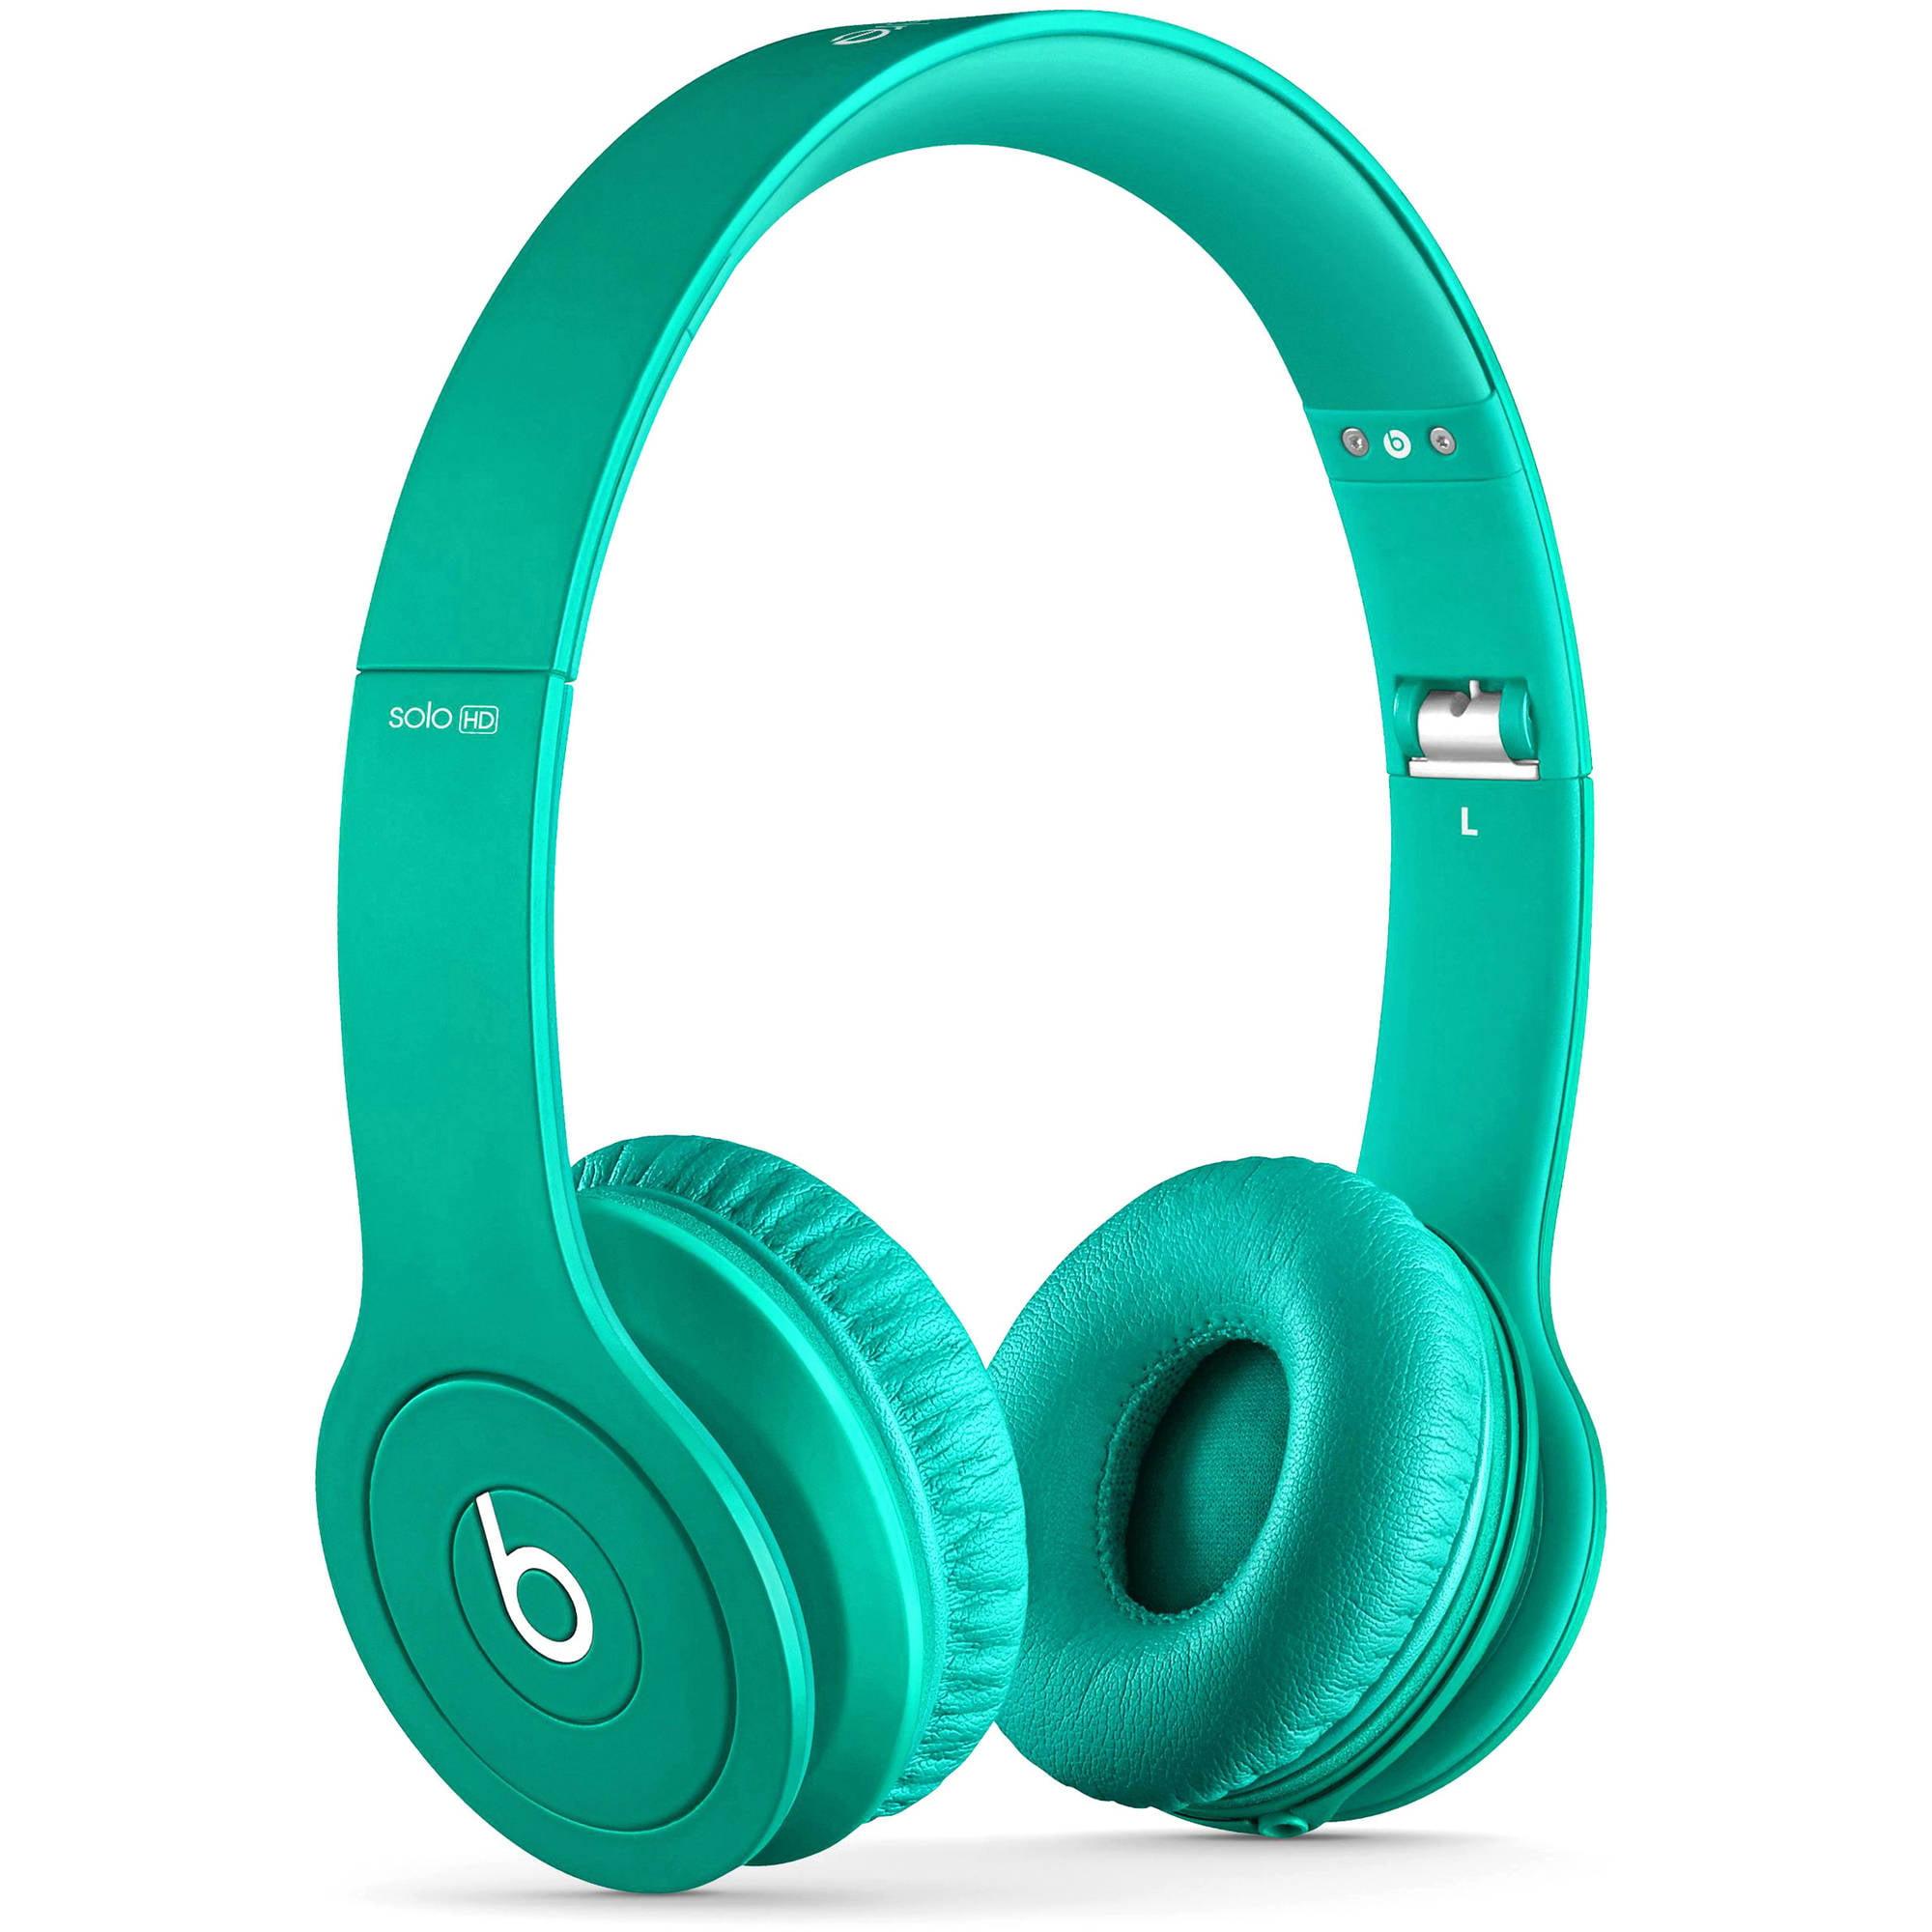 Beats Audio Cable - Walmart.com